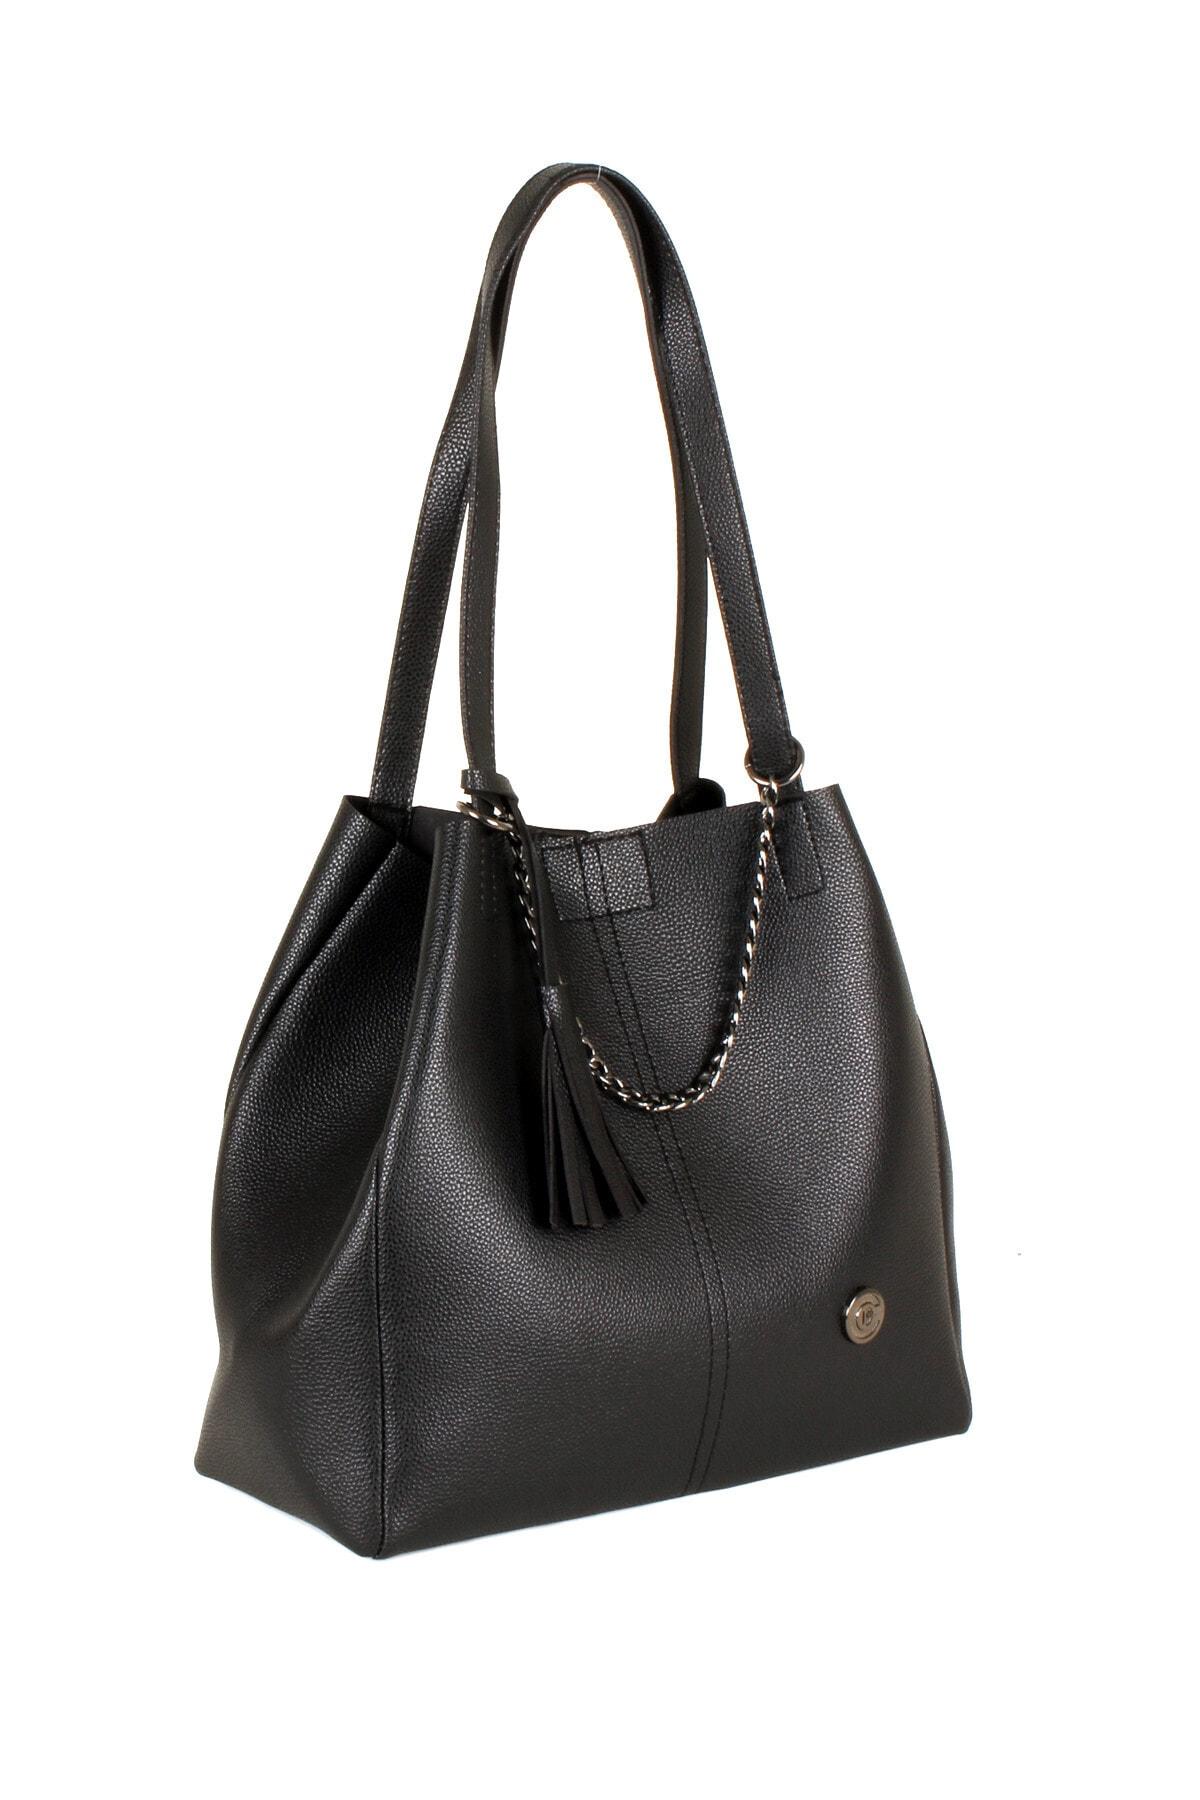 Luwwe Bag's Kadın Siyah Omuz Çanta Lwe20099-s 2